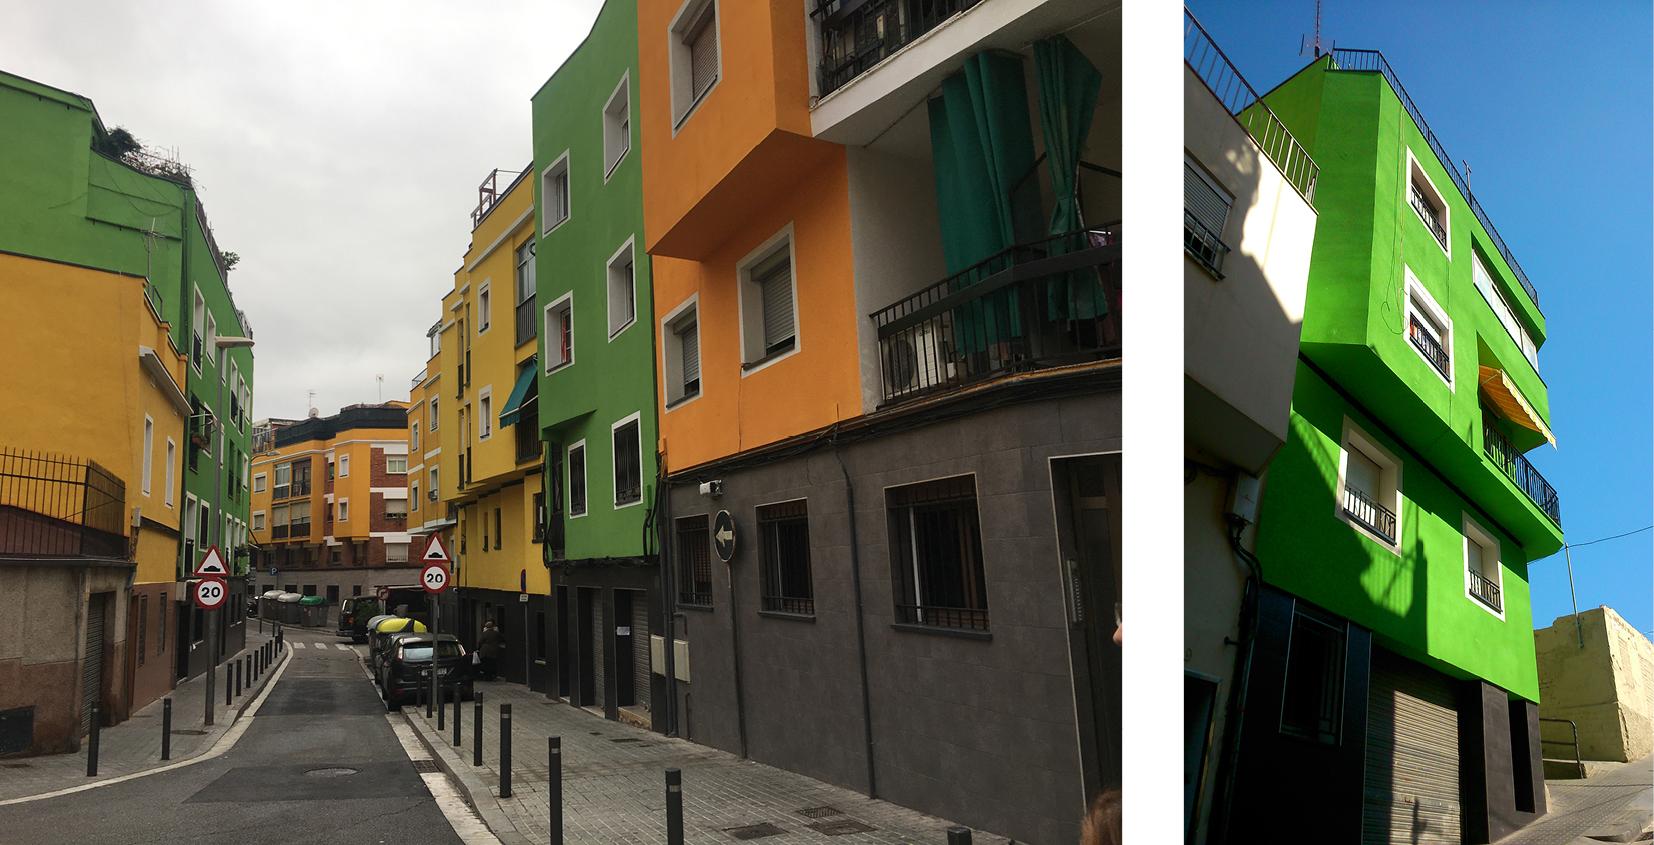 Fig. 6/ Imagen urbana de la intervención en Santa Coloma de Gramenet.